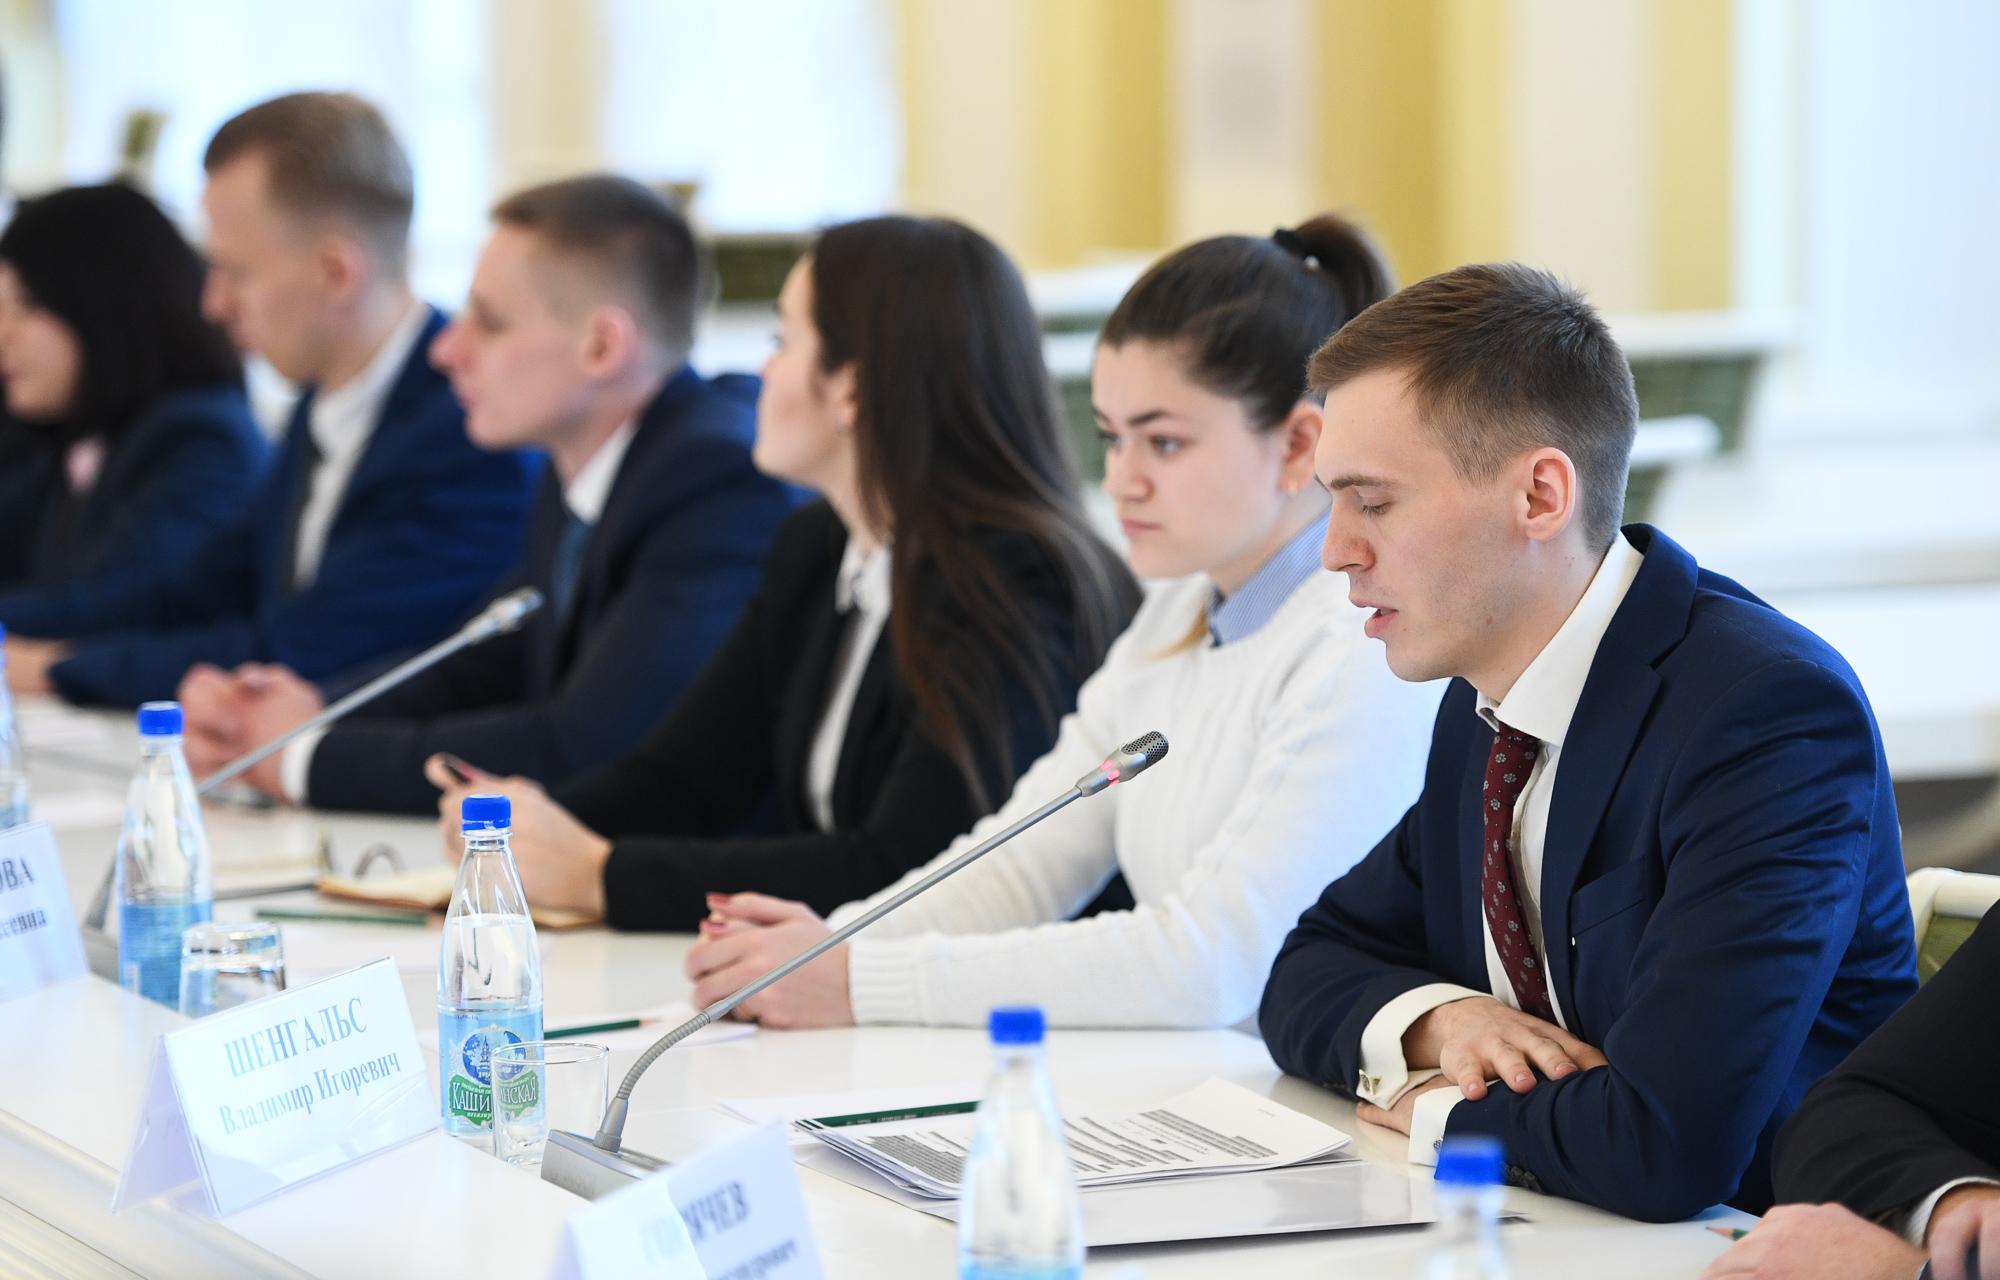 Недвижимость, туризм, творческие вечера - в предложениях студентов губернатору Тверской области